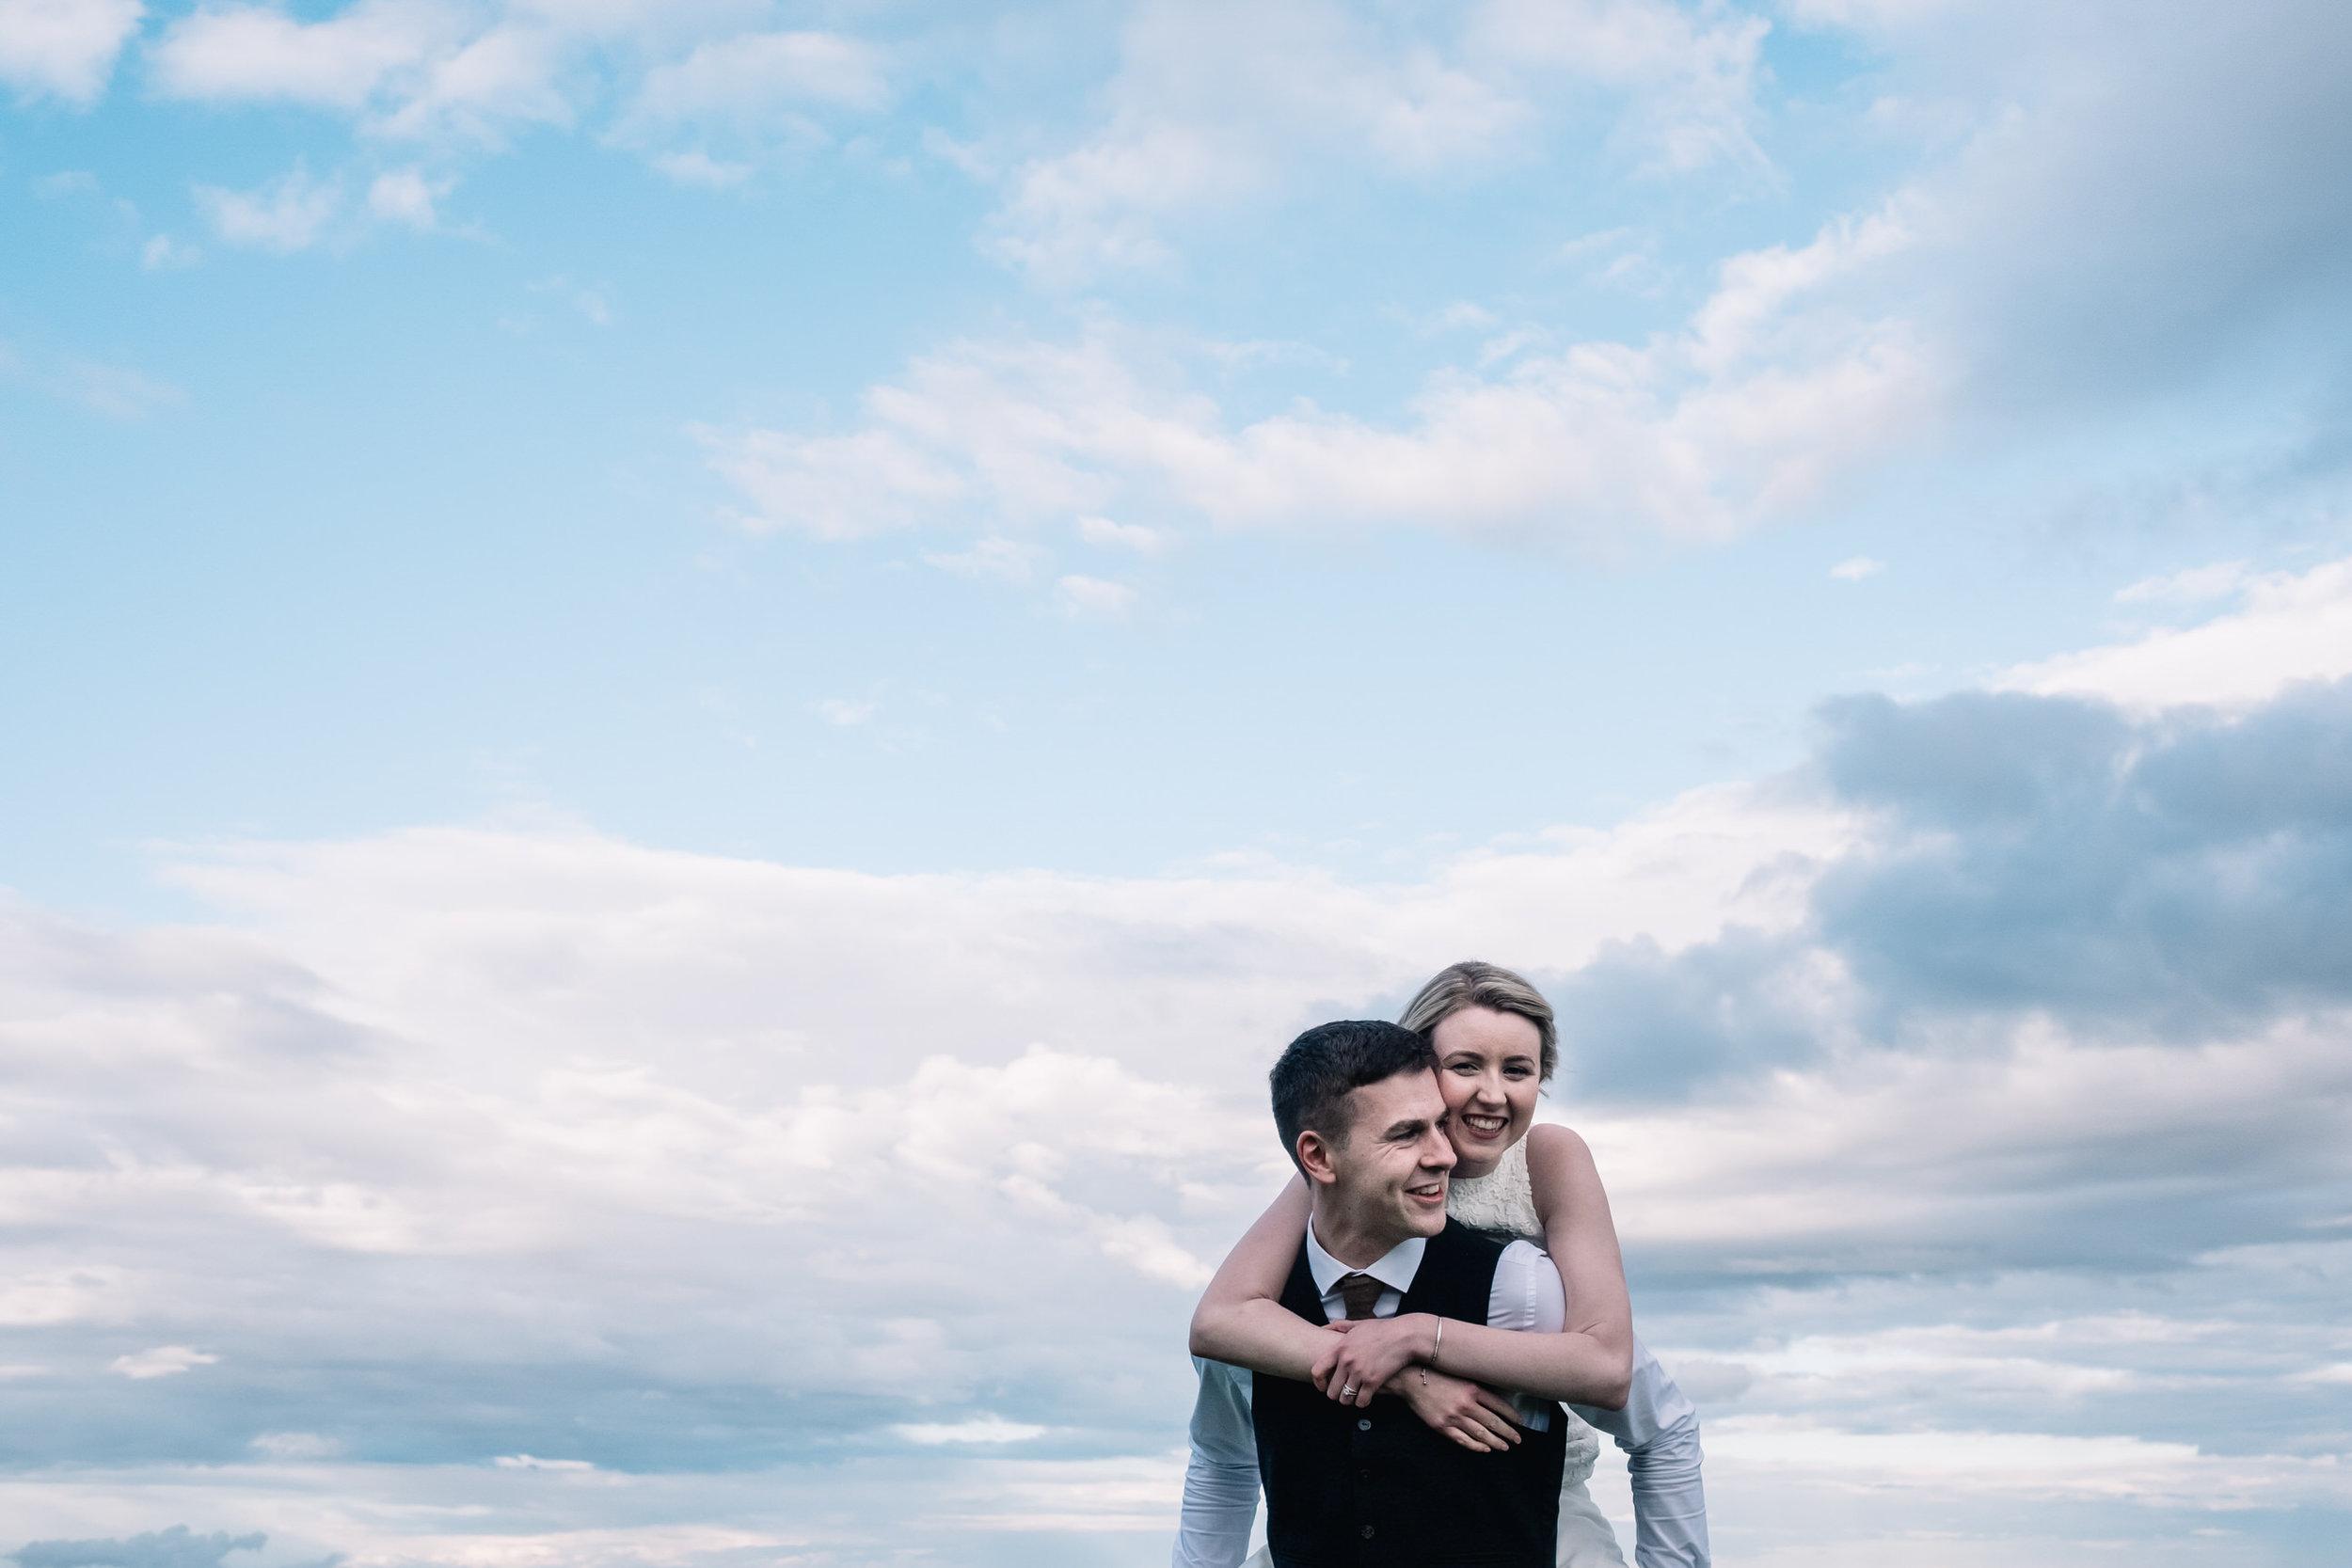 Bride on shoulders of groom.